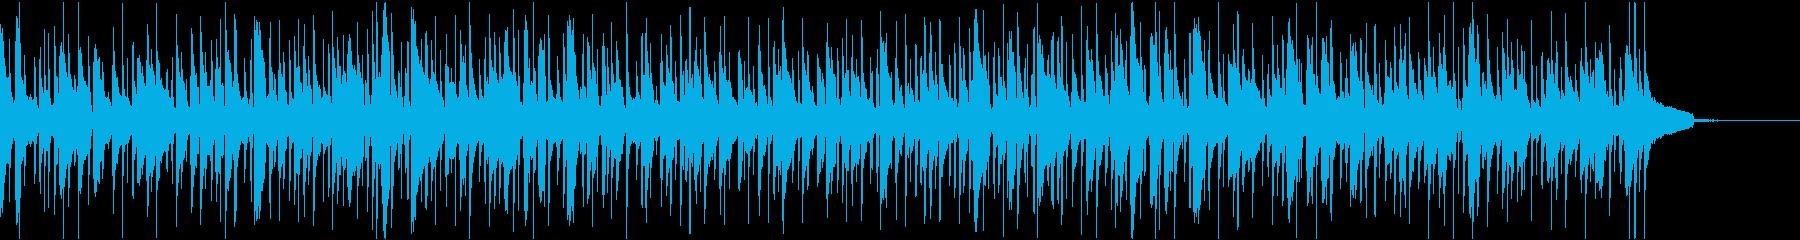 ゆったりとしたボサノヴァ_フルートなしの再生済みの波形